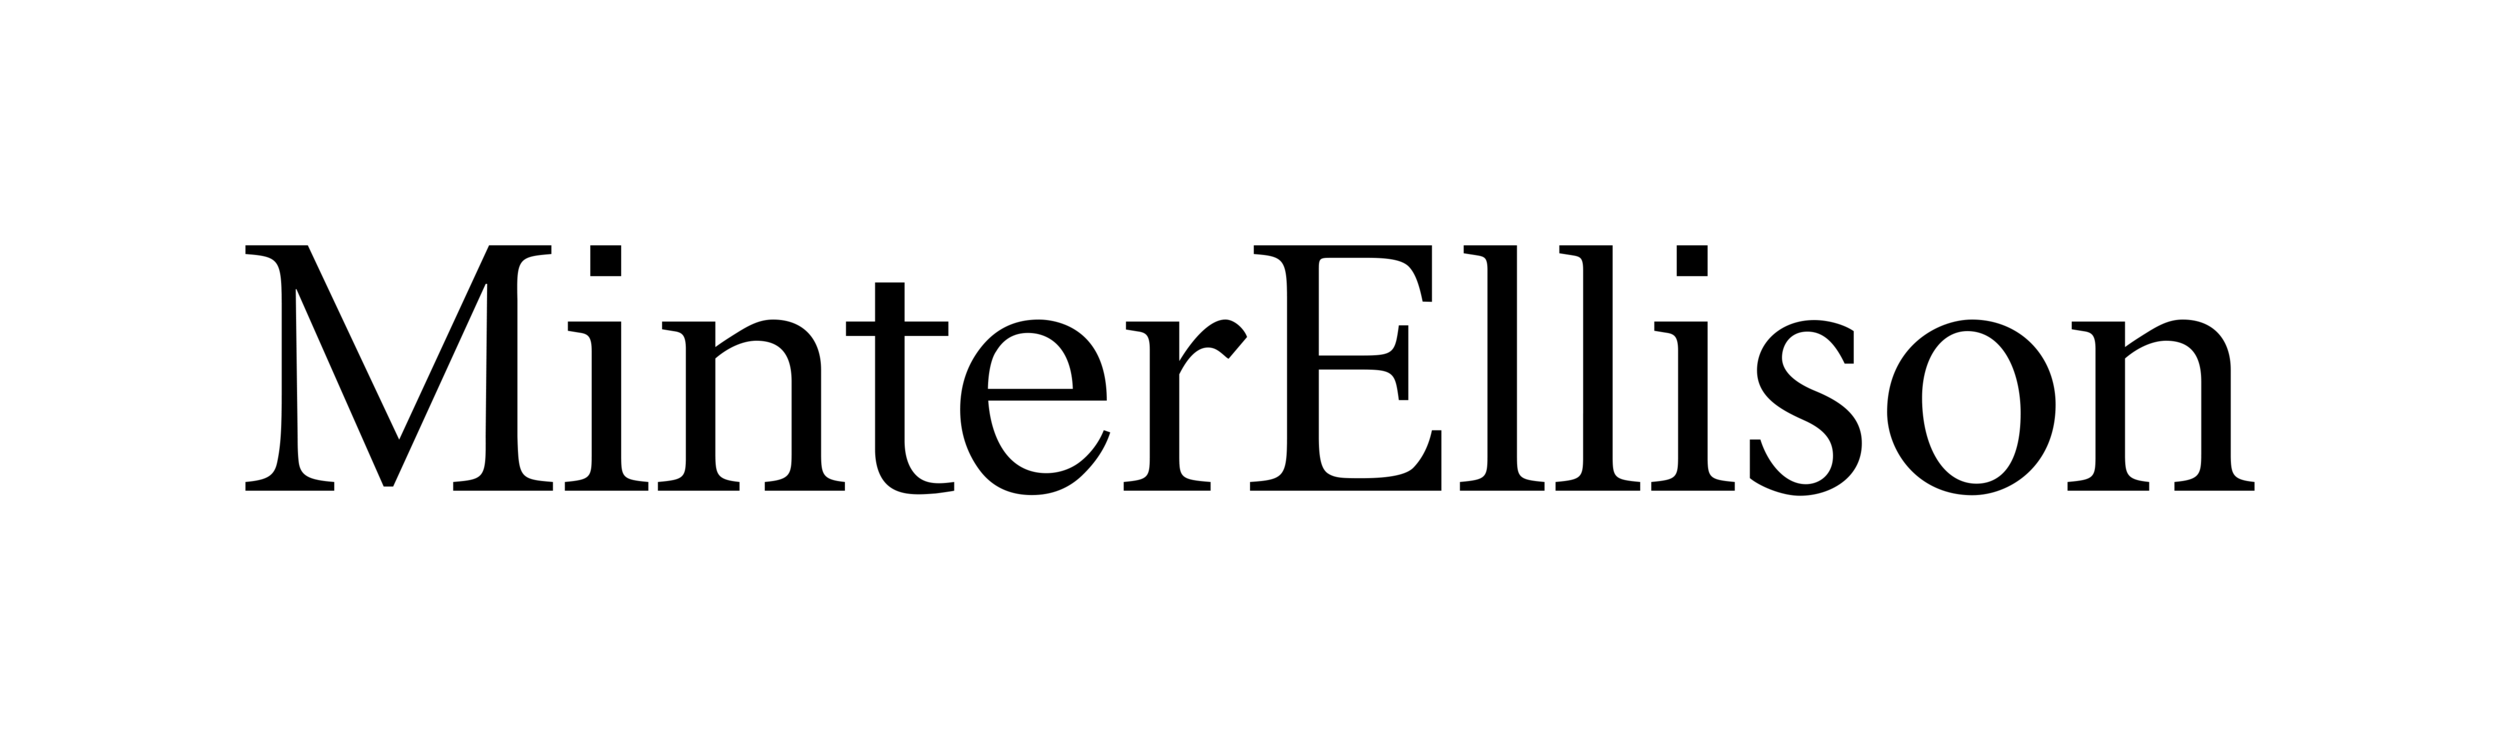 MinterEllison logo (transparent).png